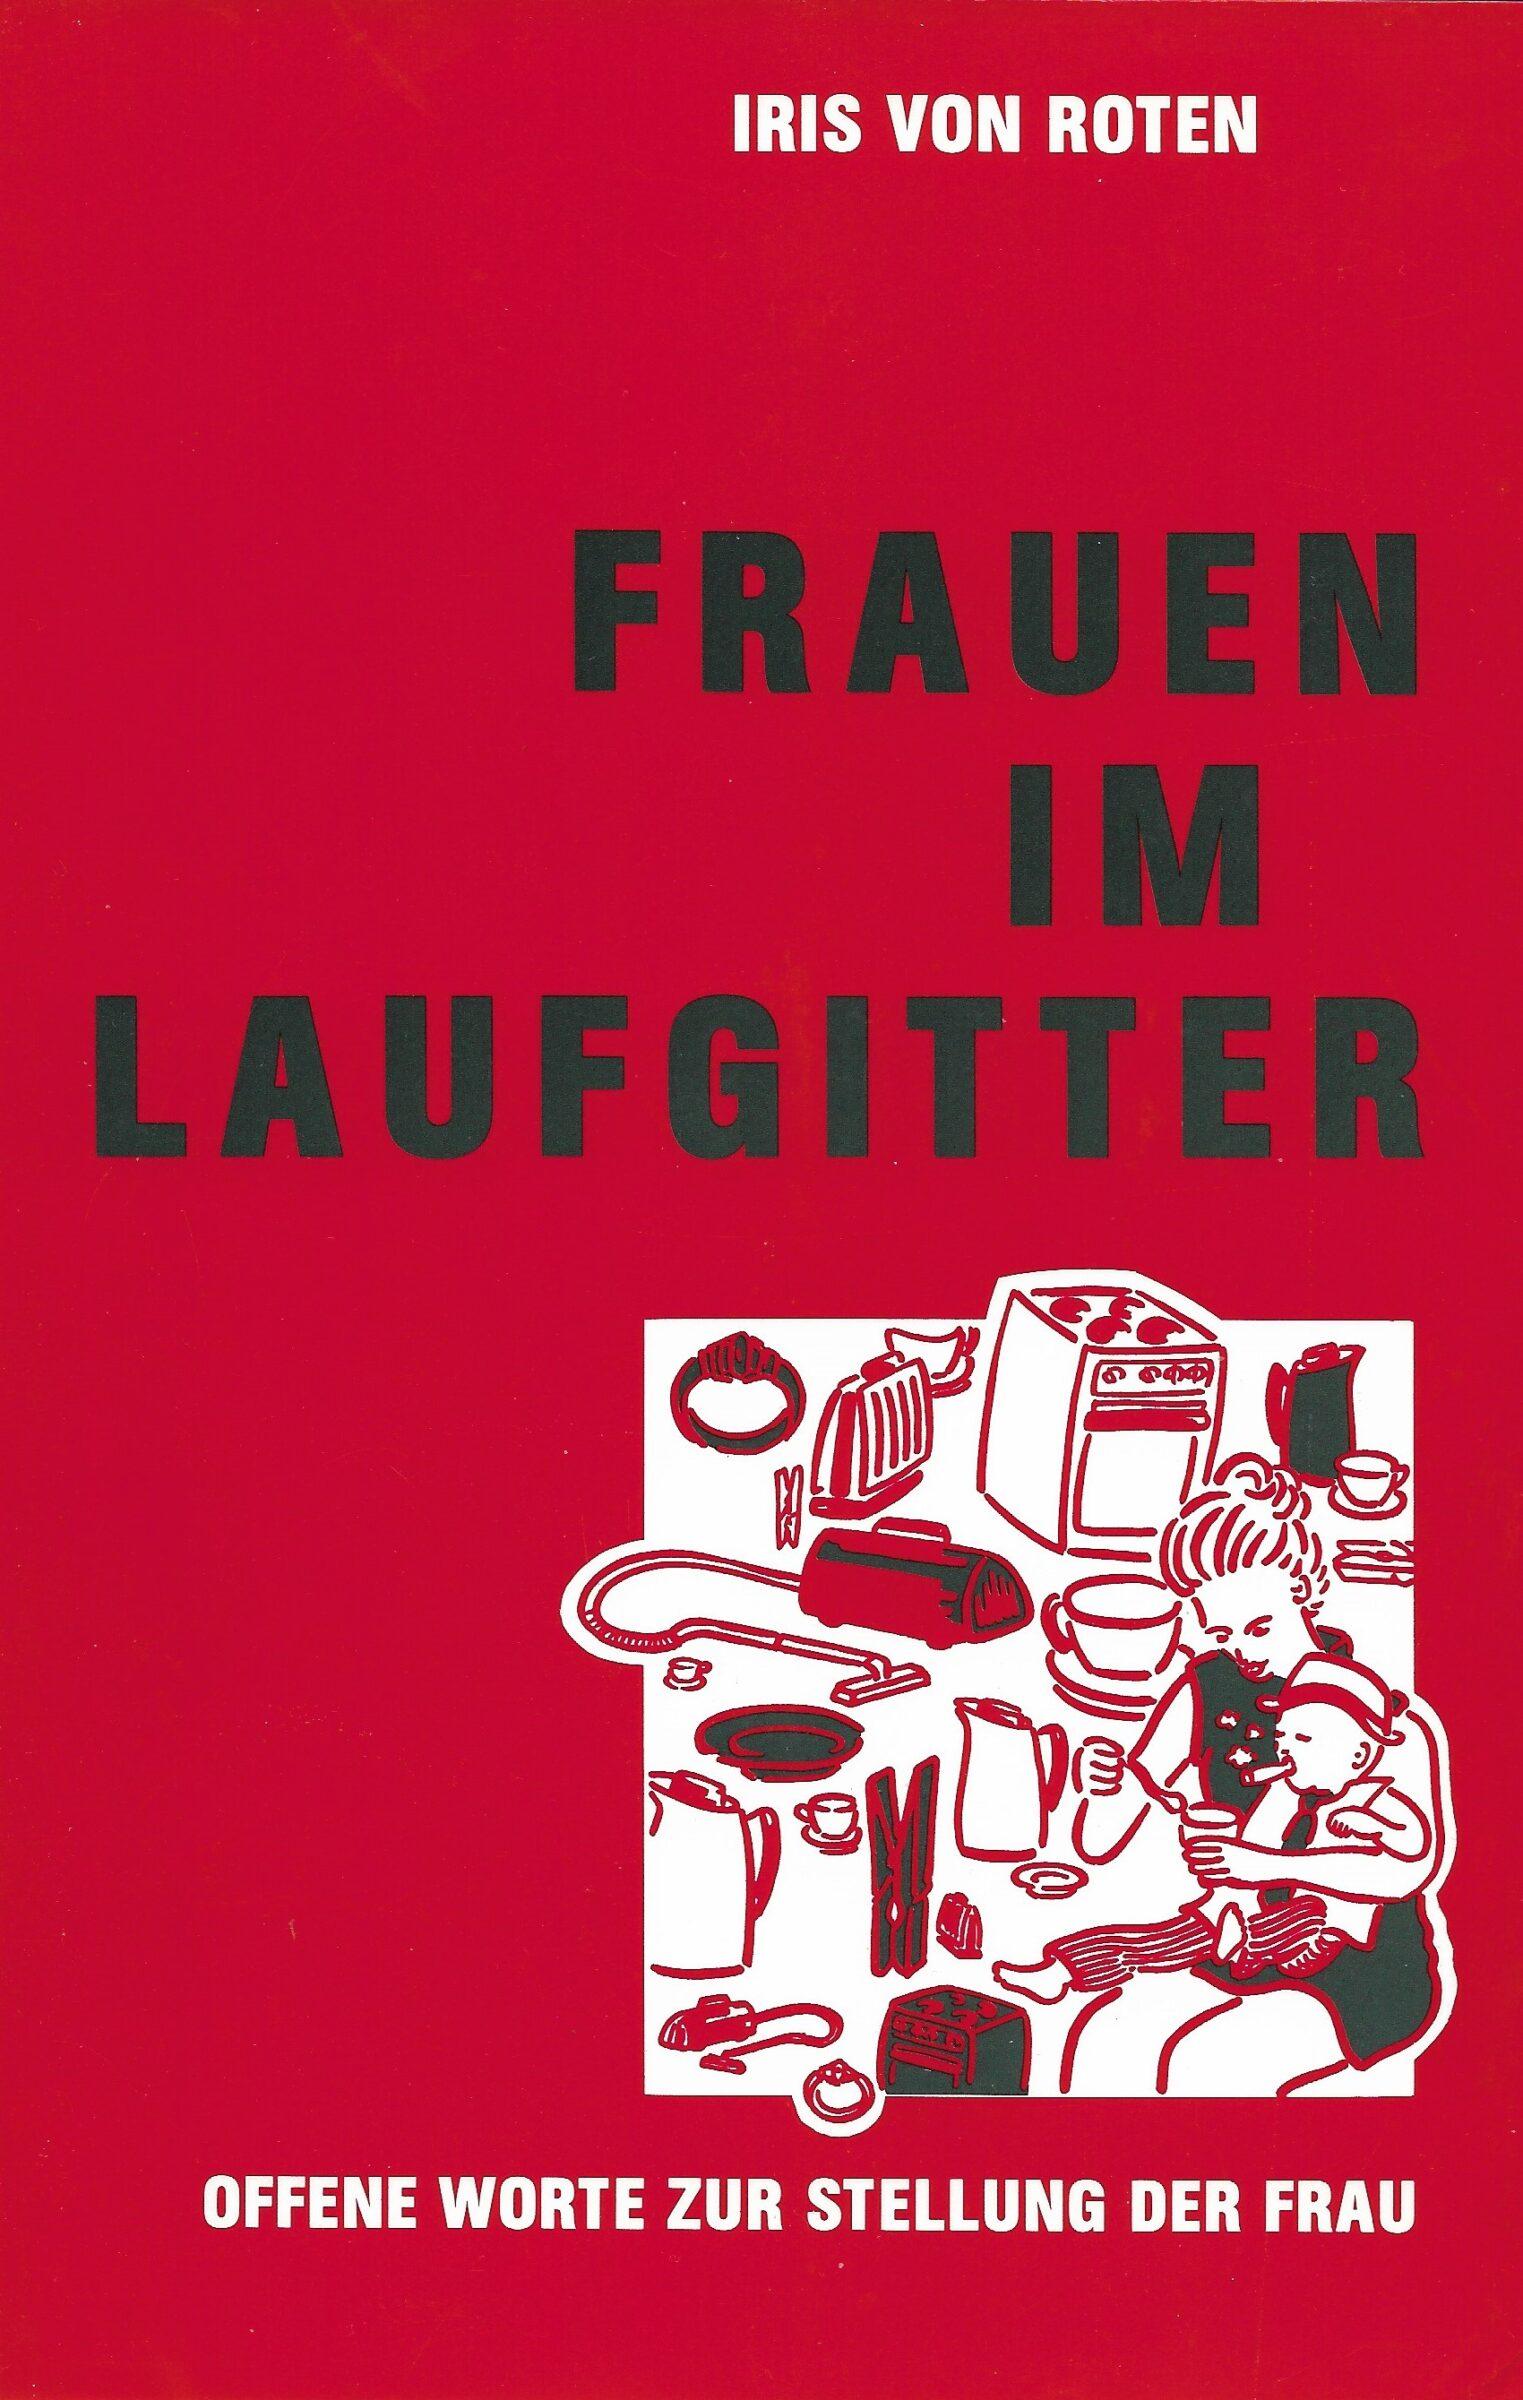 Buchcover von: von Roten, Iris: Frauen im Laufgitter. Offene Worte zur Stellung der Frau. Mit einem Nachwort von Elisabeth Joris, Zürich: efef-Verlag 1991.